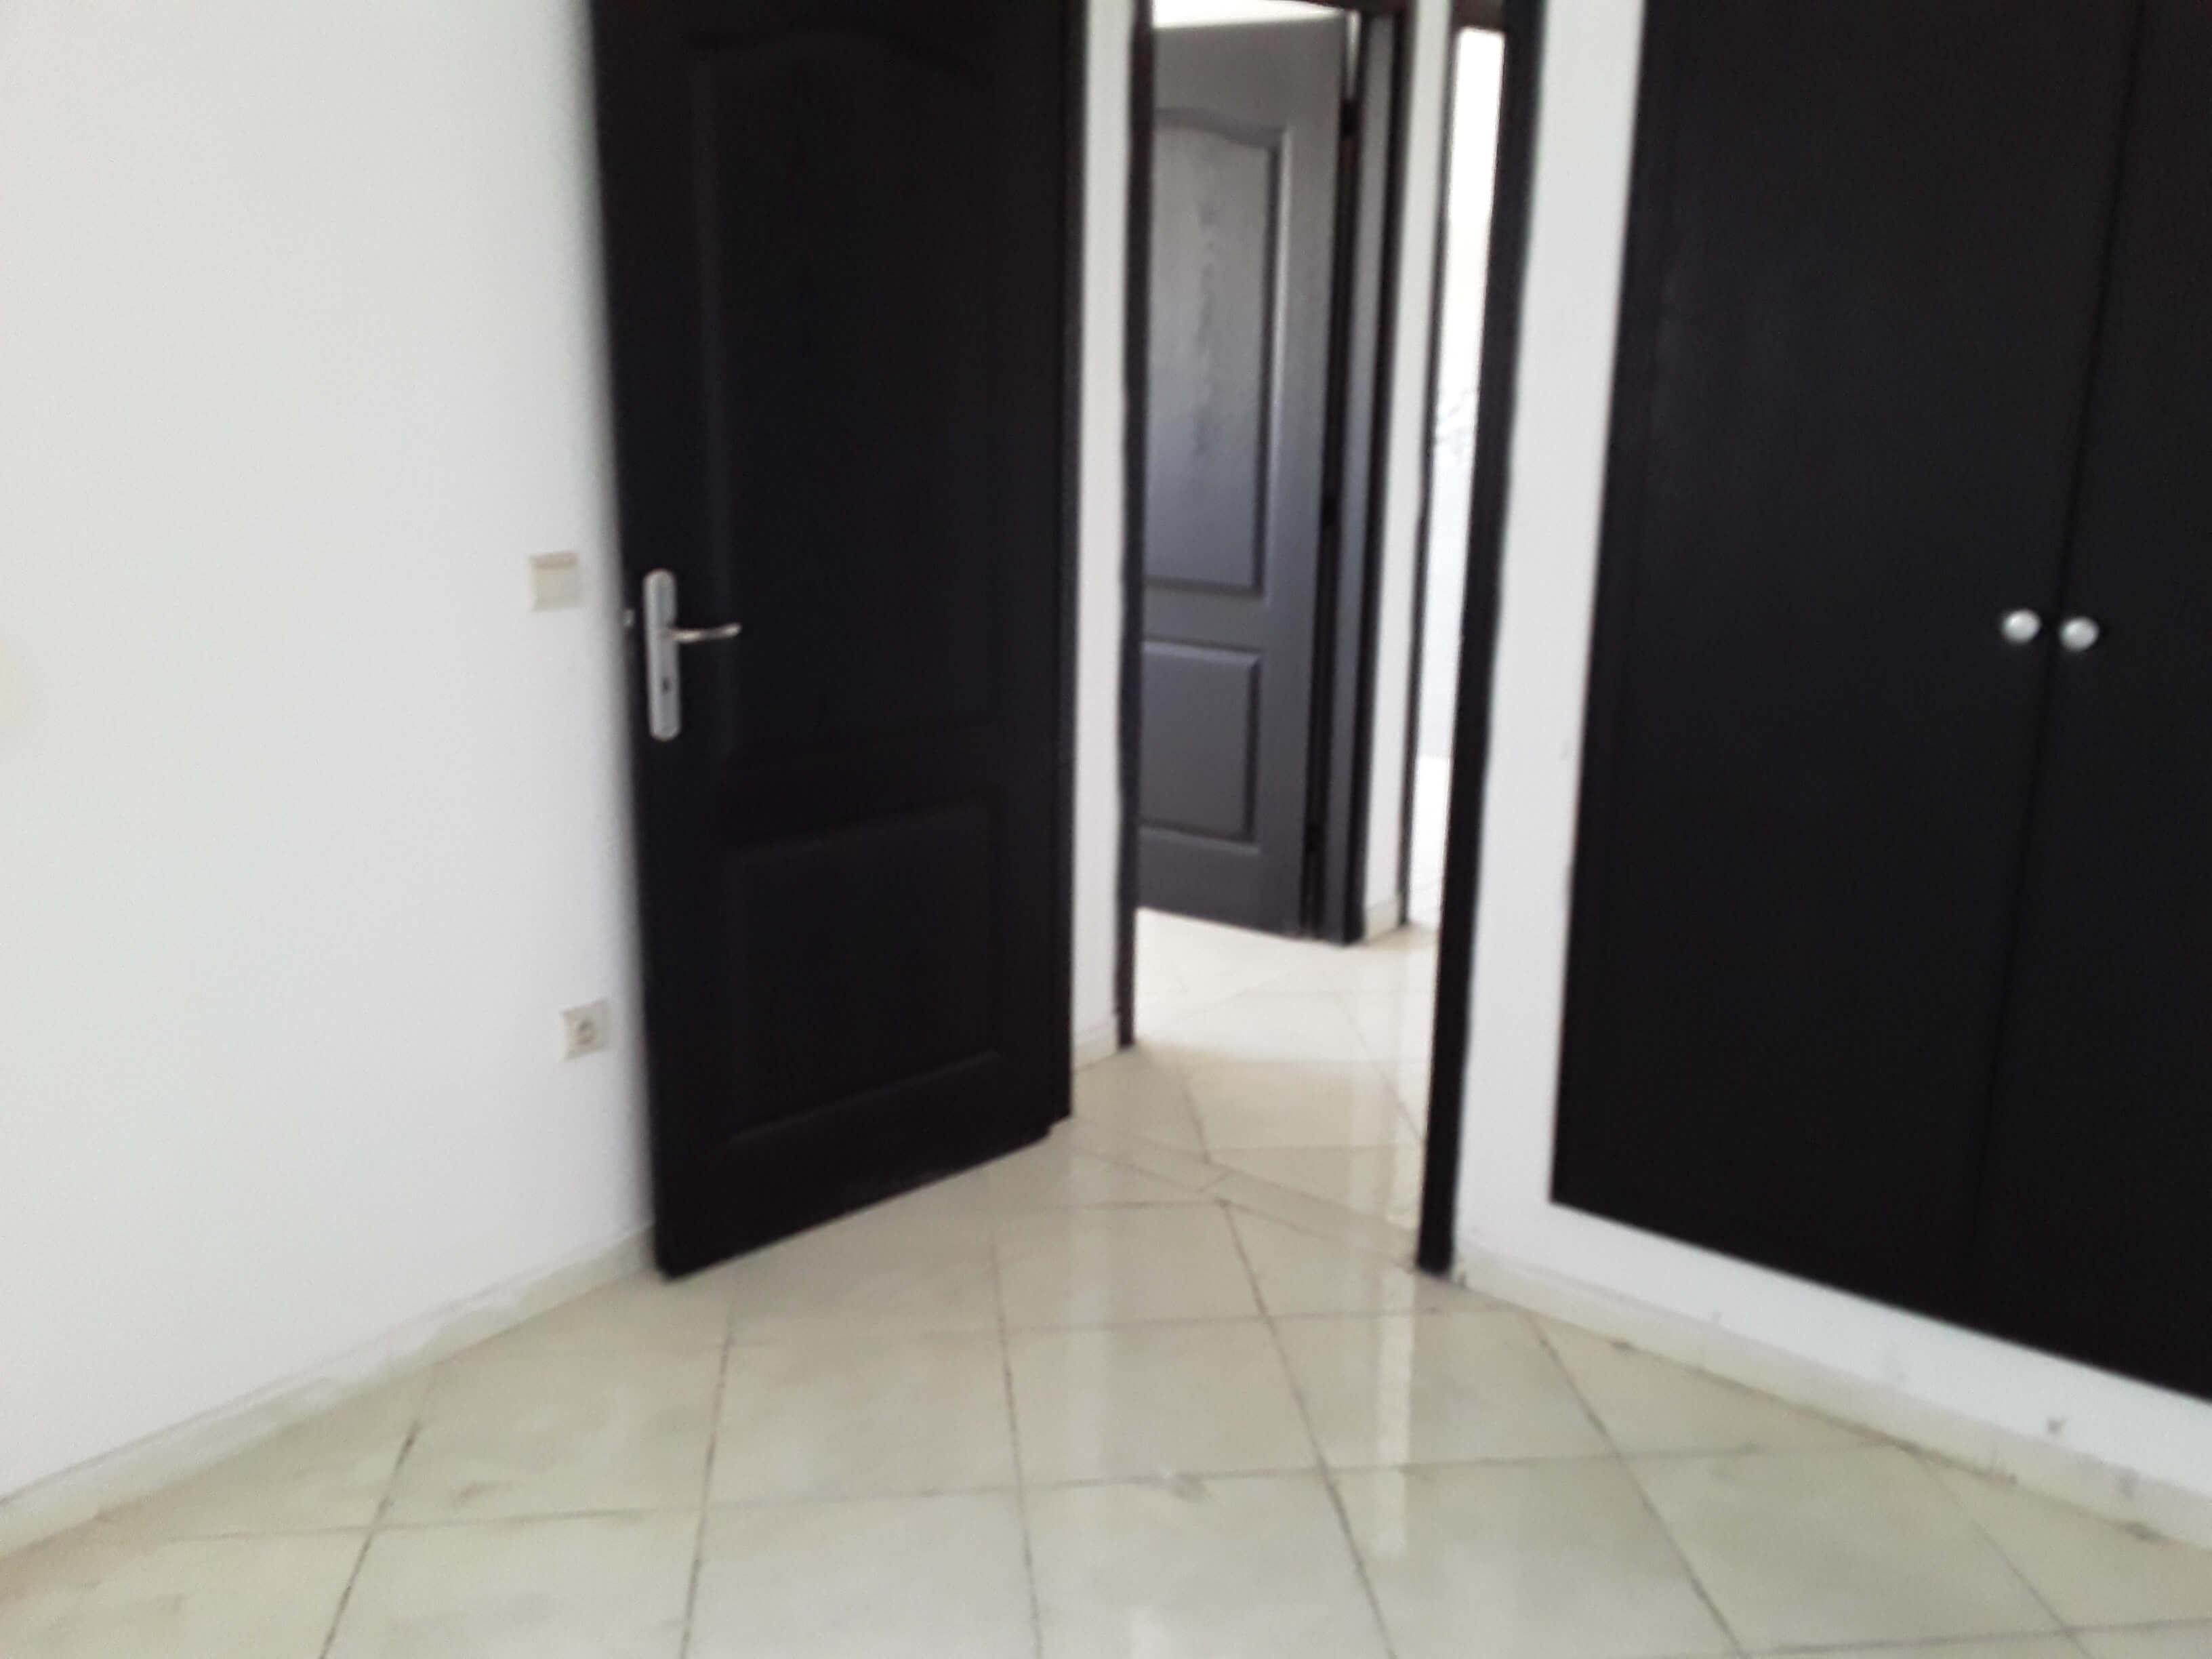 à vendre un appartement composé d'un salon, de deux pièces, d'une cuisine et d'une salle de bains de 51 m²